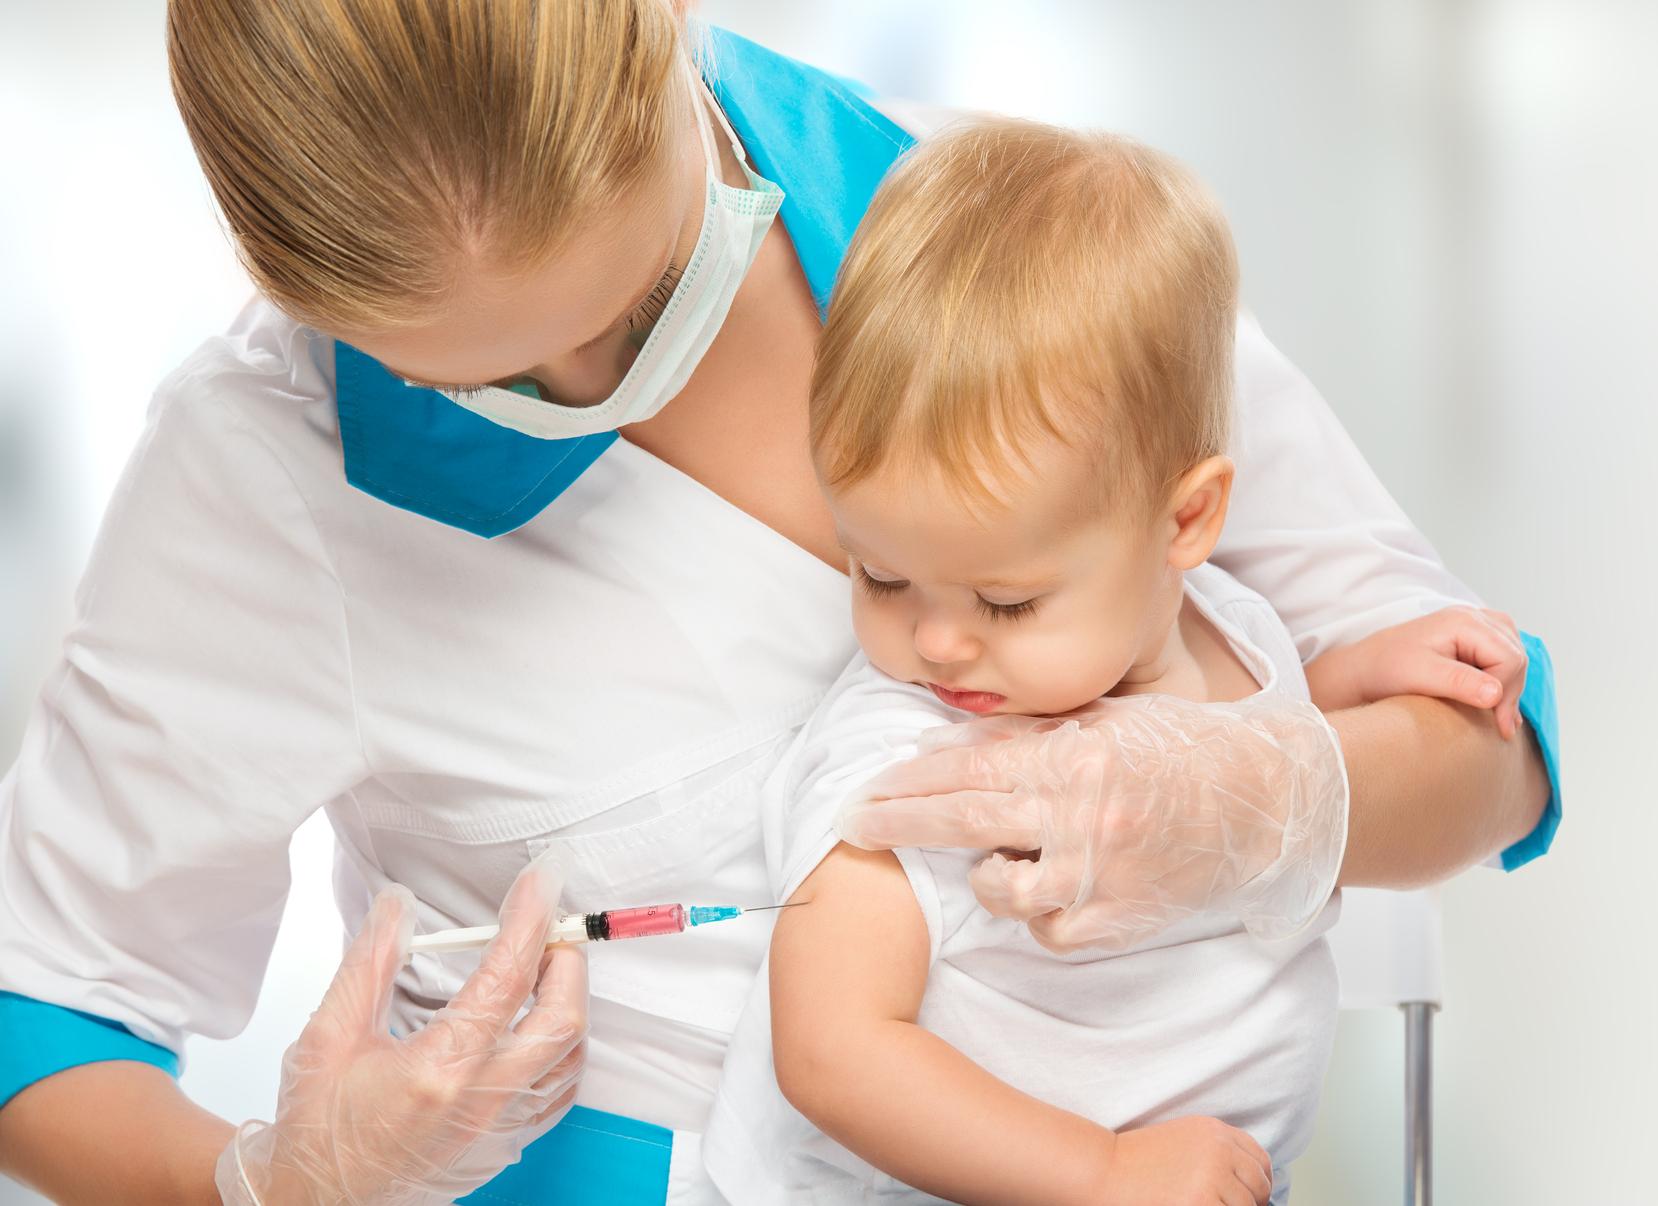 предложения насморк у ребенка после прививки метро